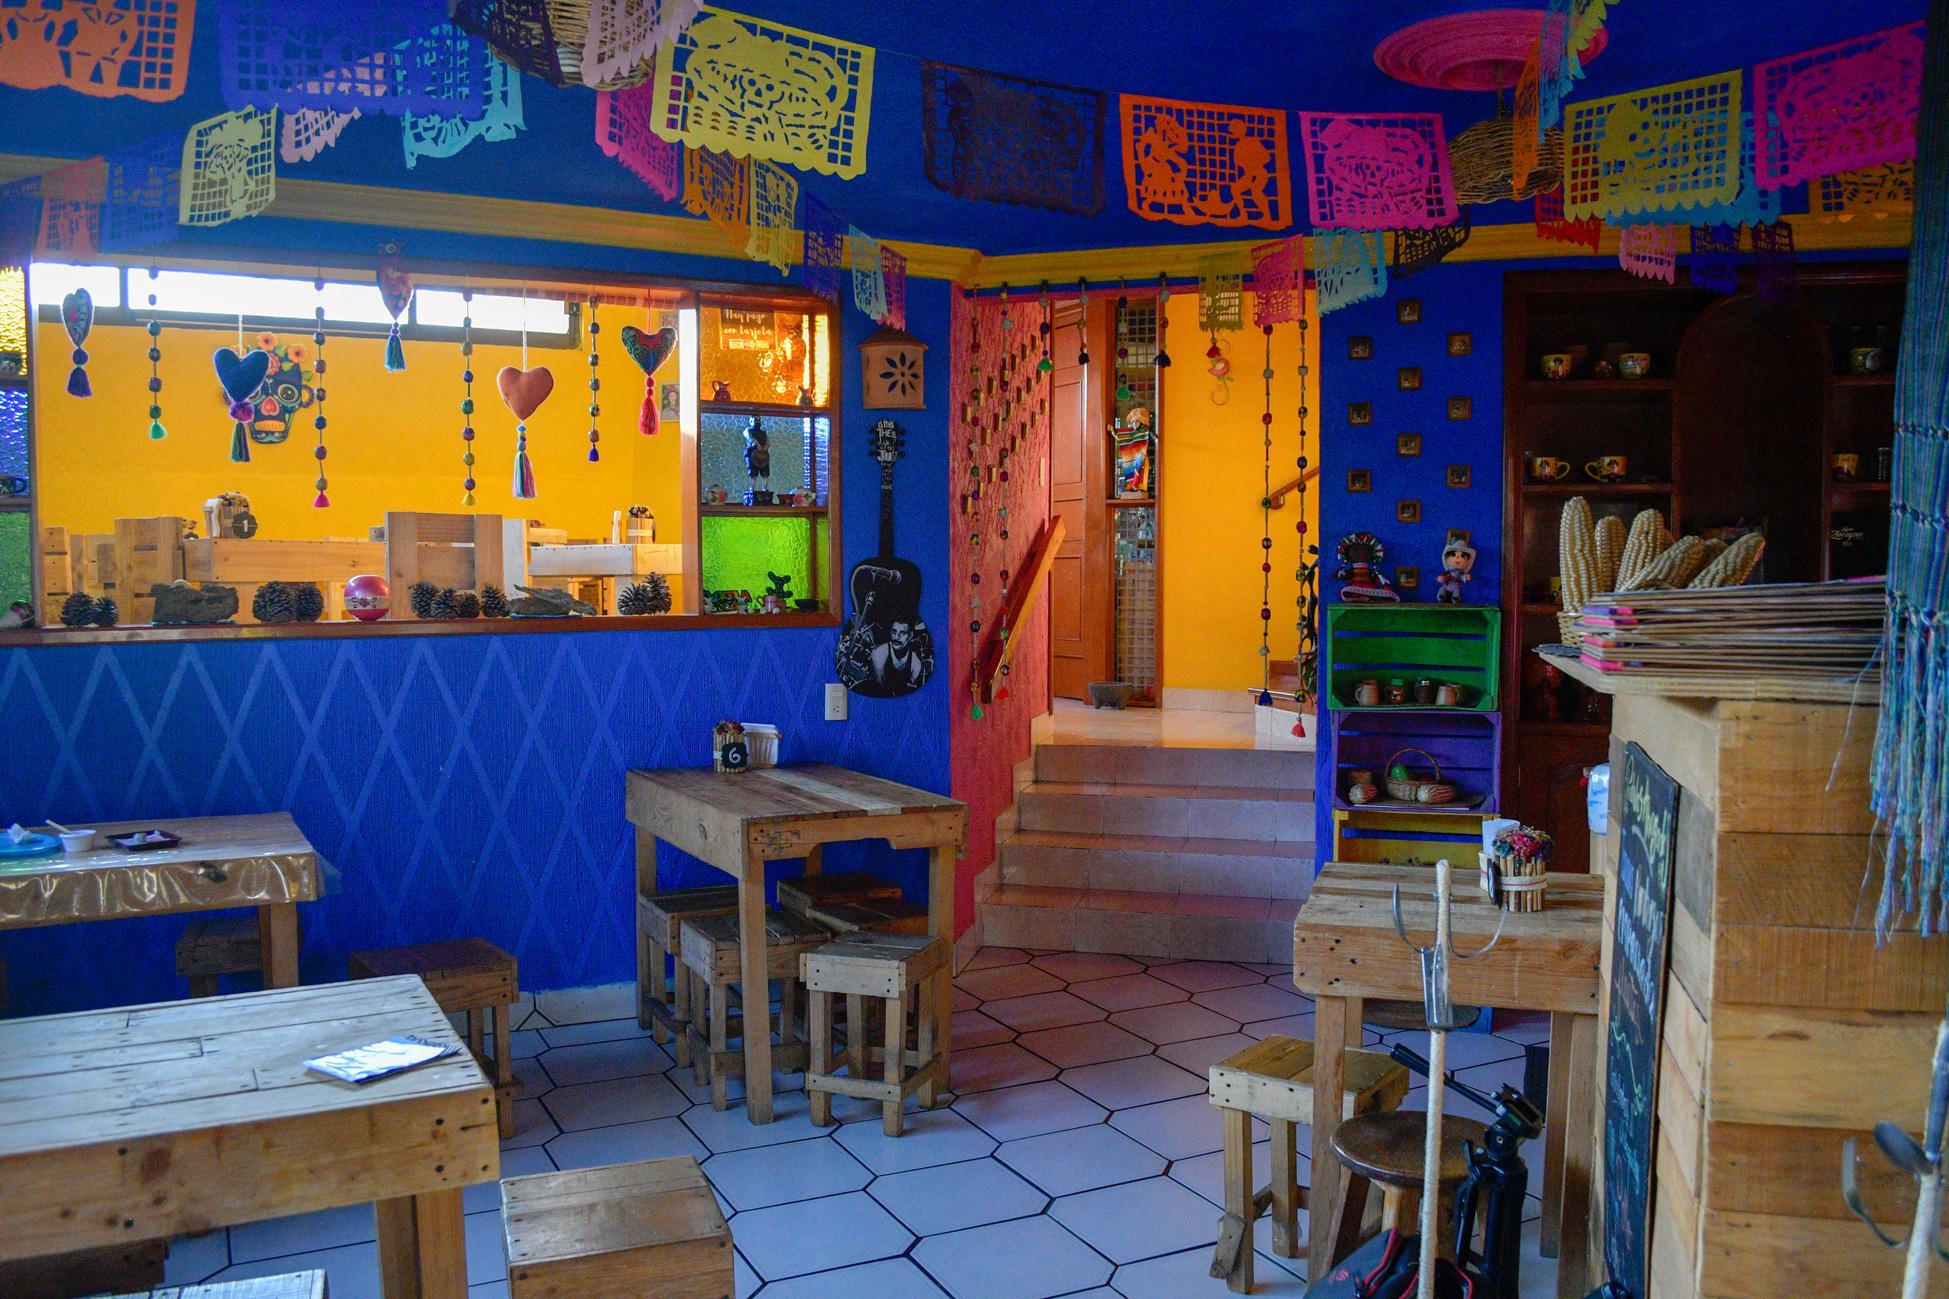 enchiladas-el-rinconcito-un-lugar-diferente-y-hogareno-en-san-buena-aventura1